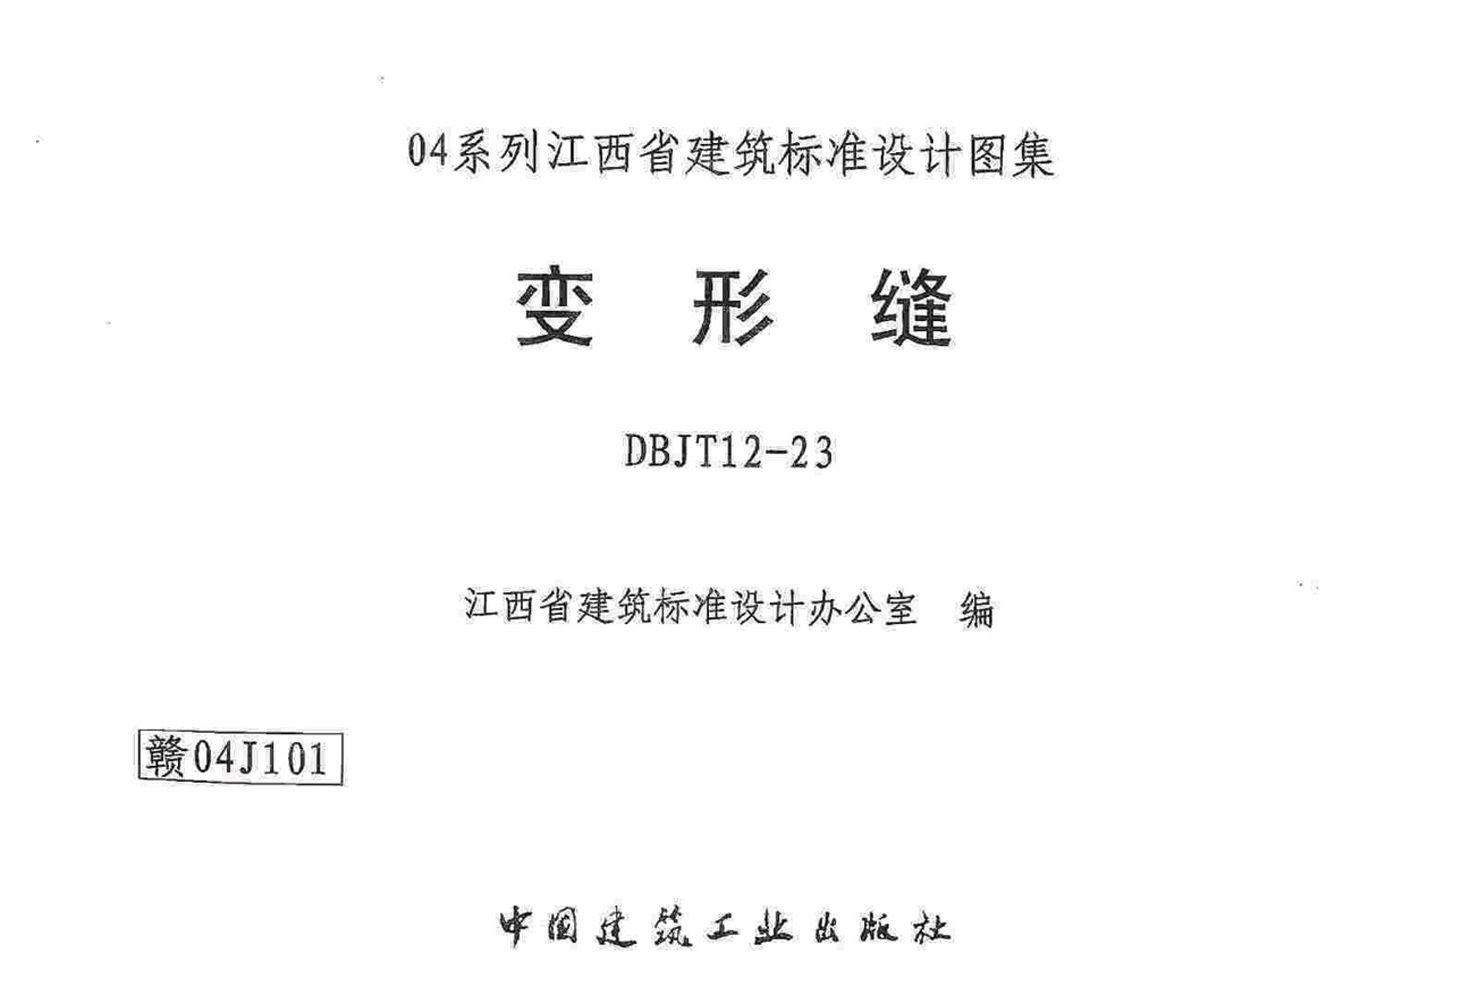 赣04J101变形缝图集1页